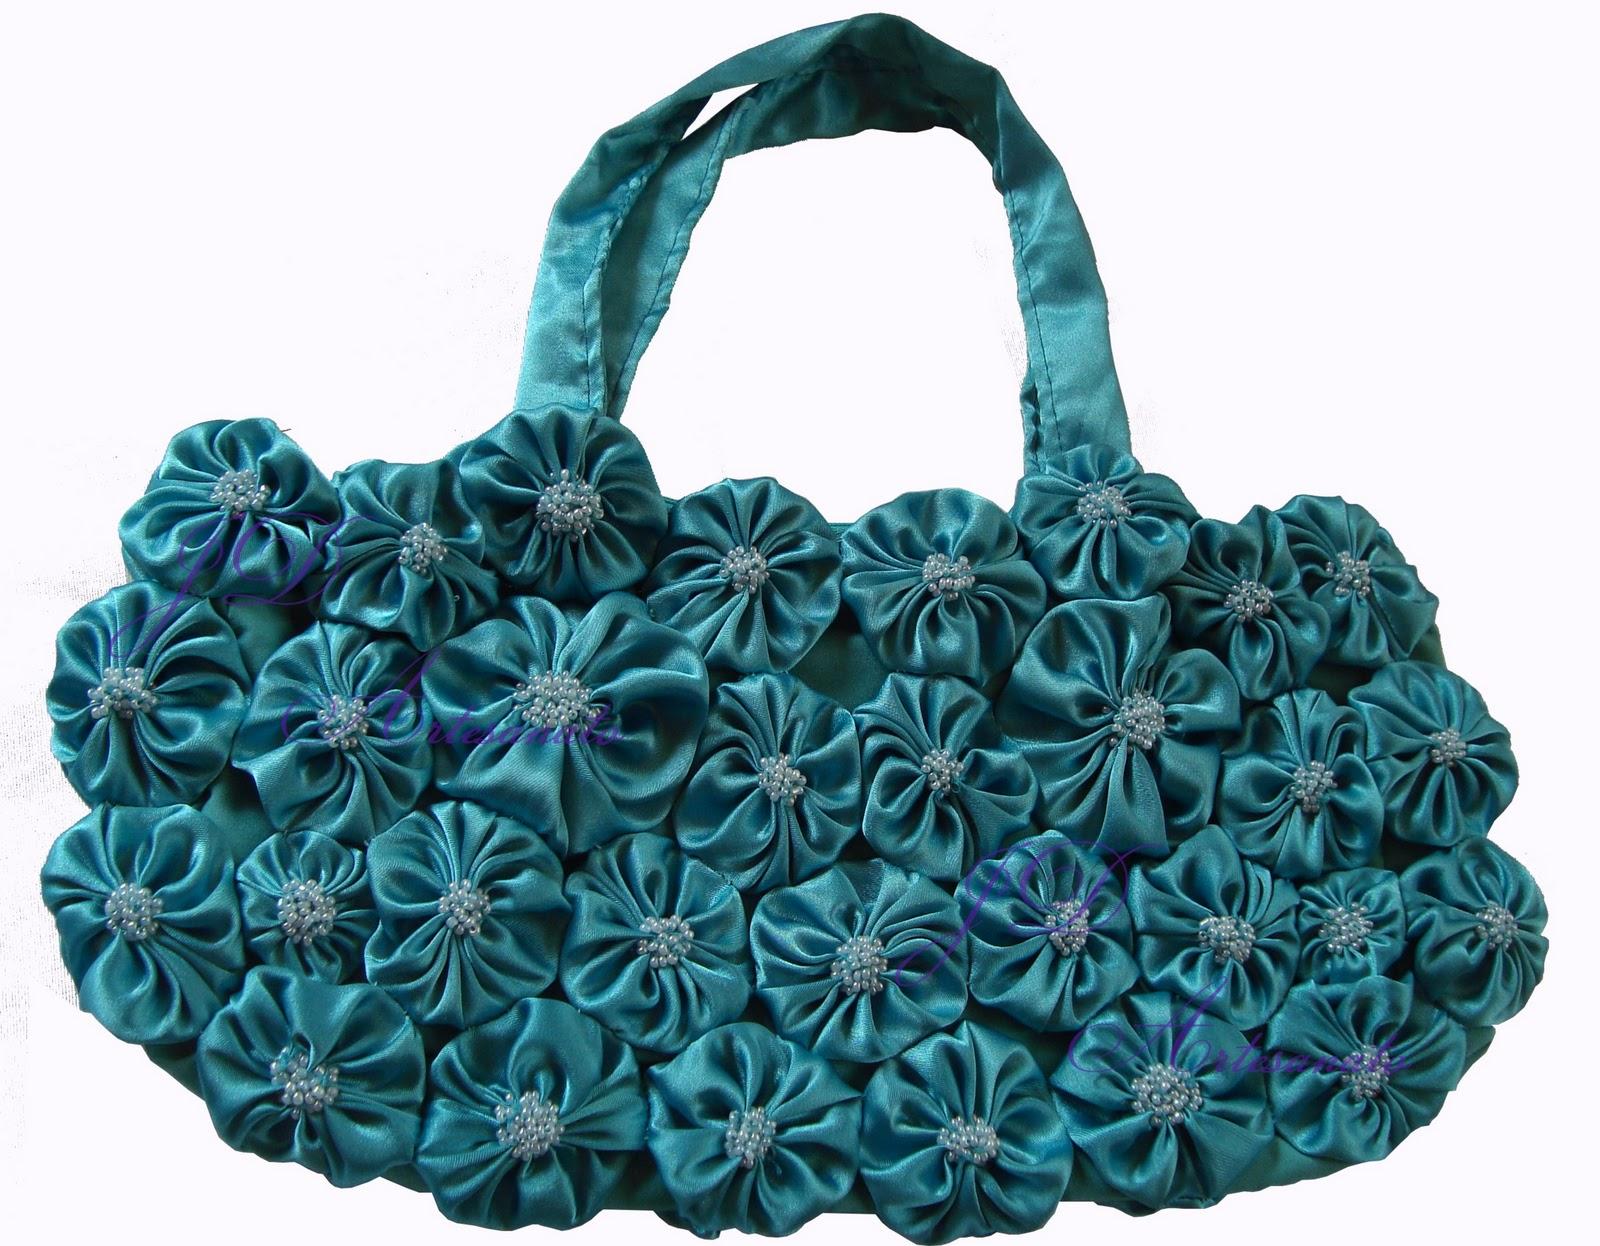 Bolsa De Fuxico Artesanato : Jd artesanato bolsa de fuxico em cetim